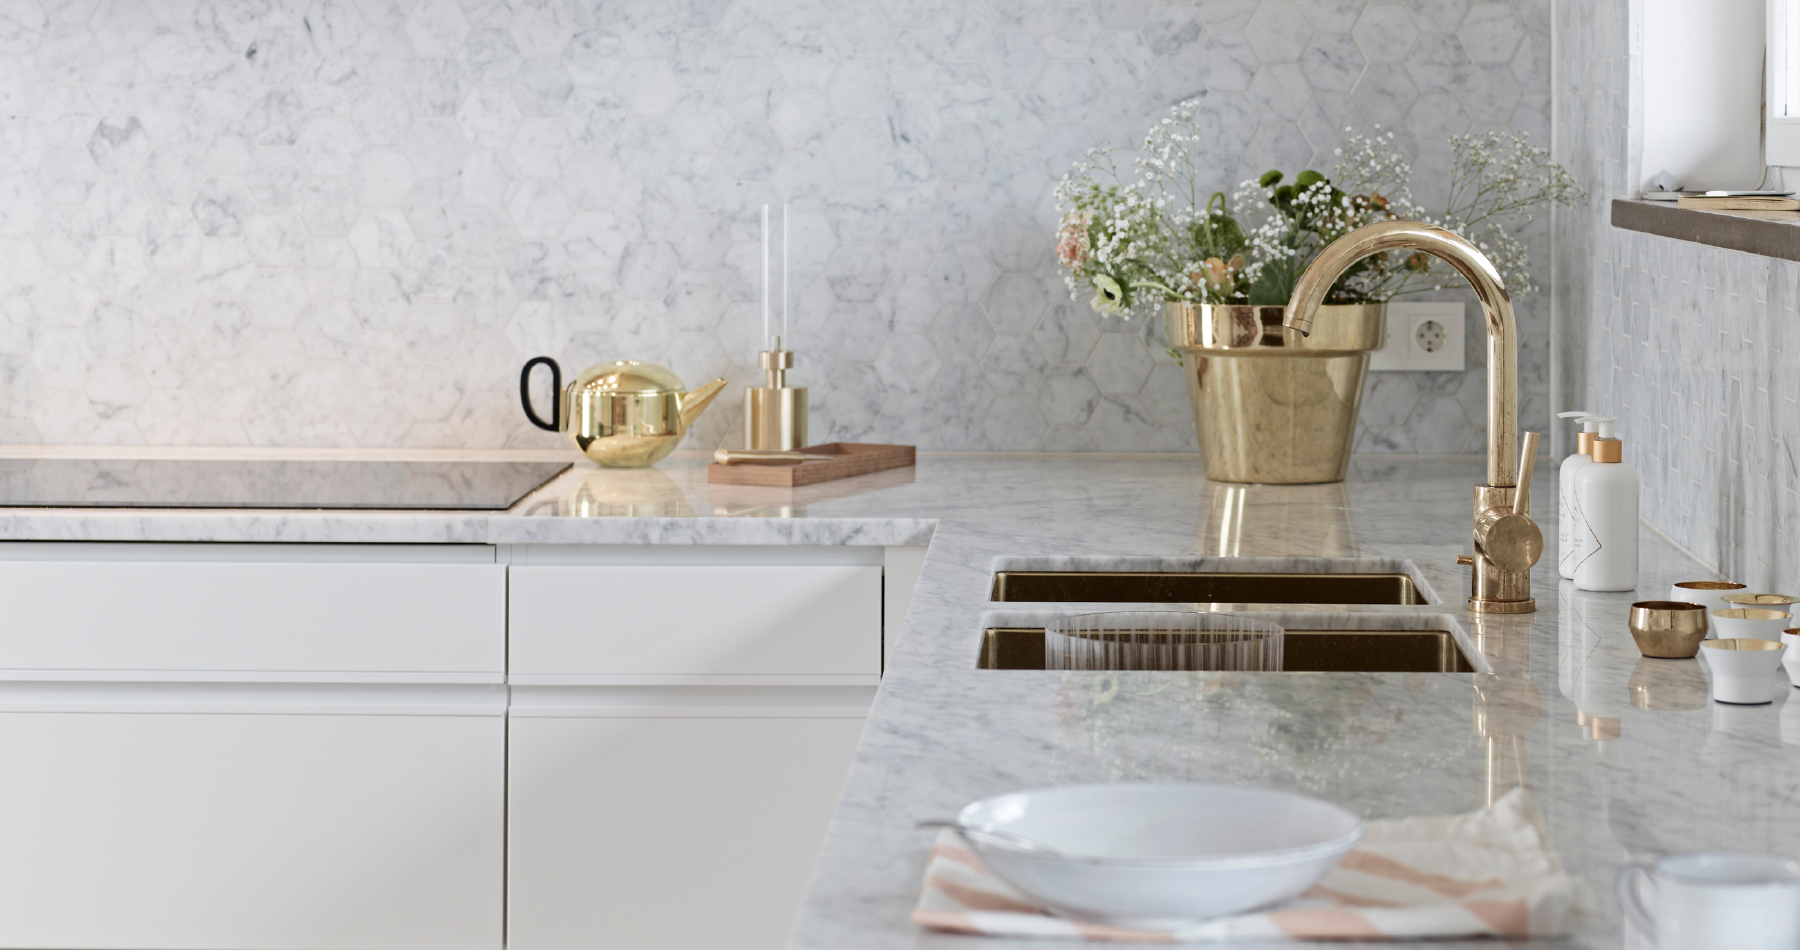 Hemma hos familjen enhörning   nytt kök badrum och tvättstuga ...